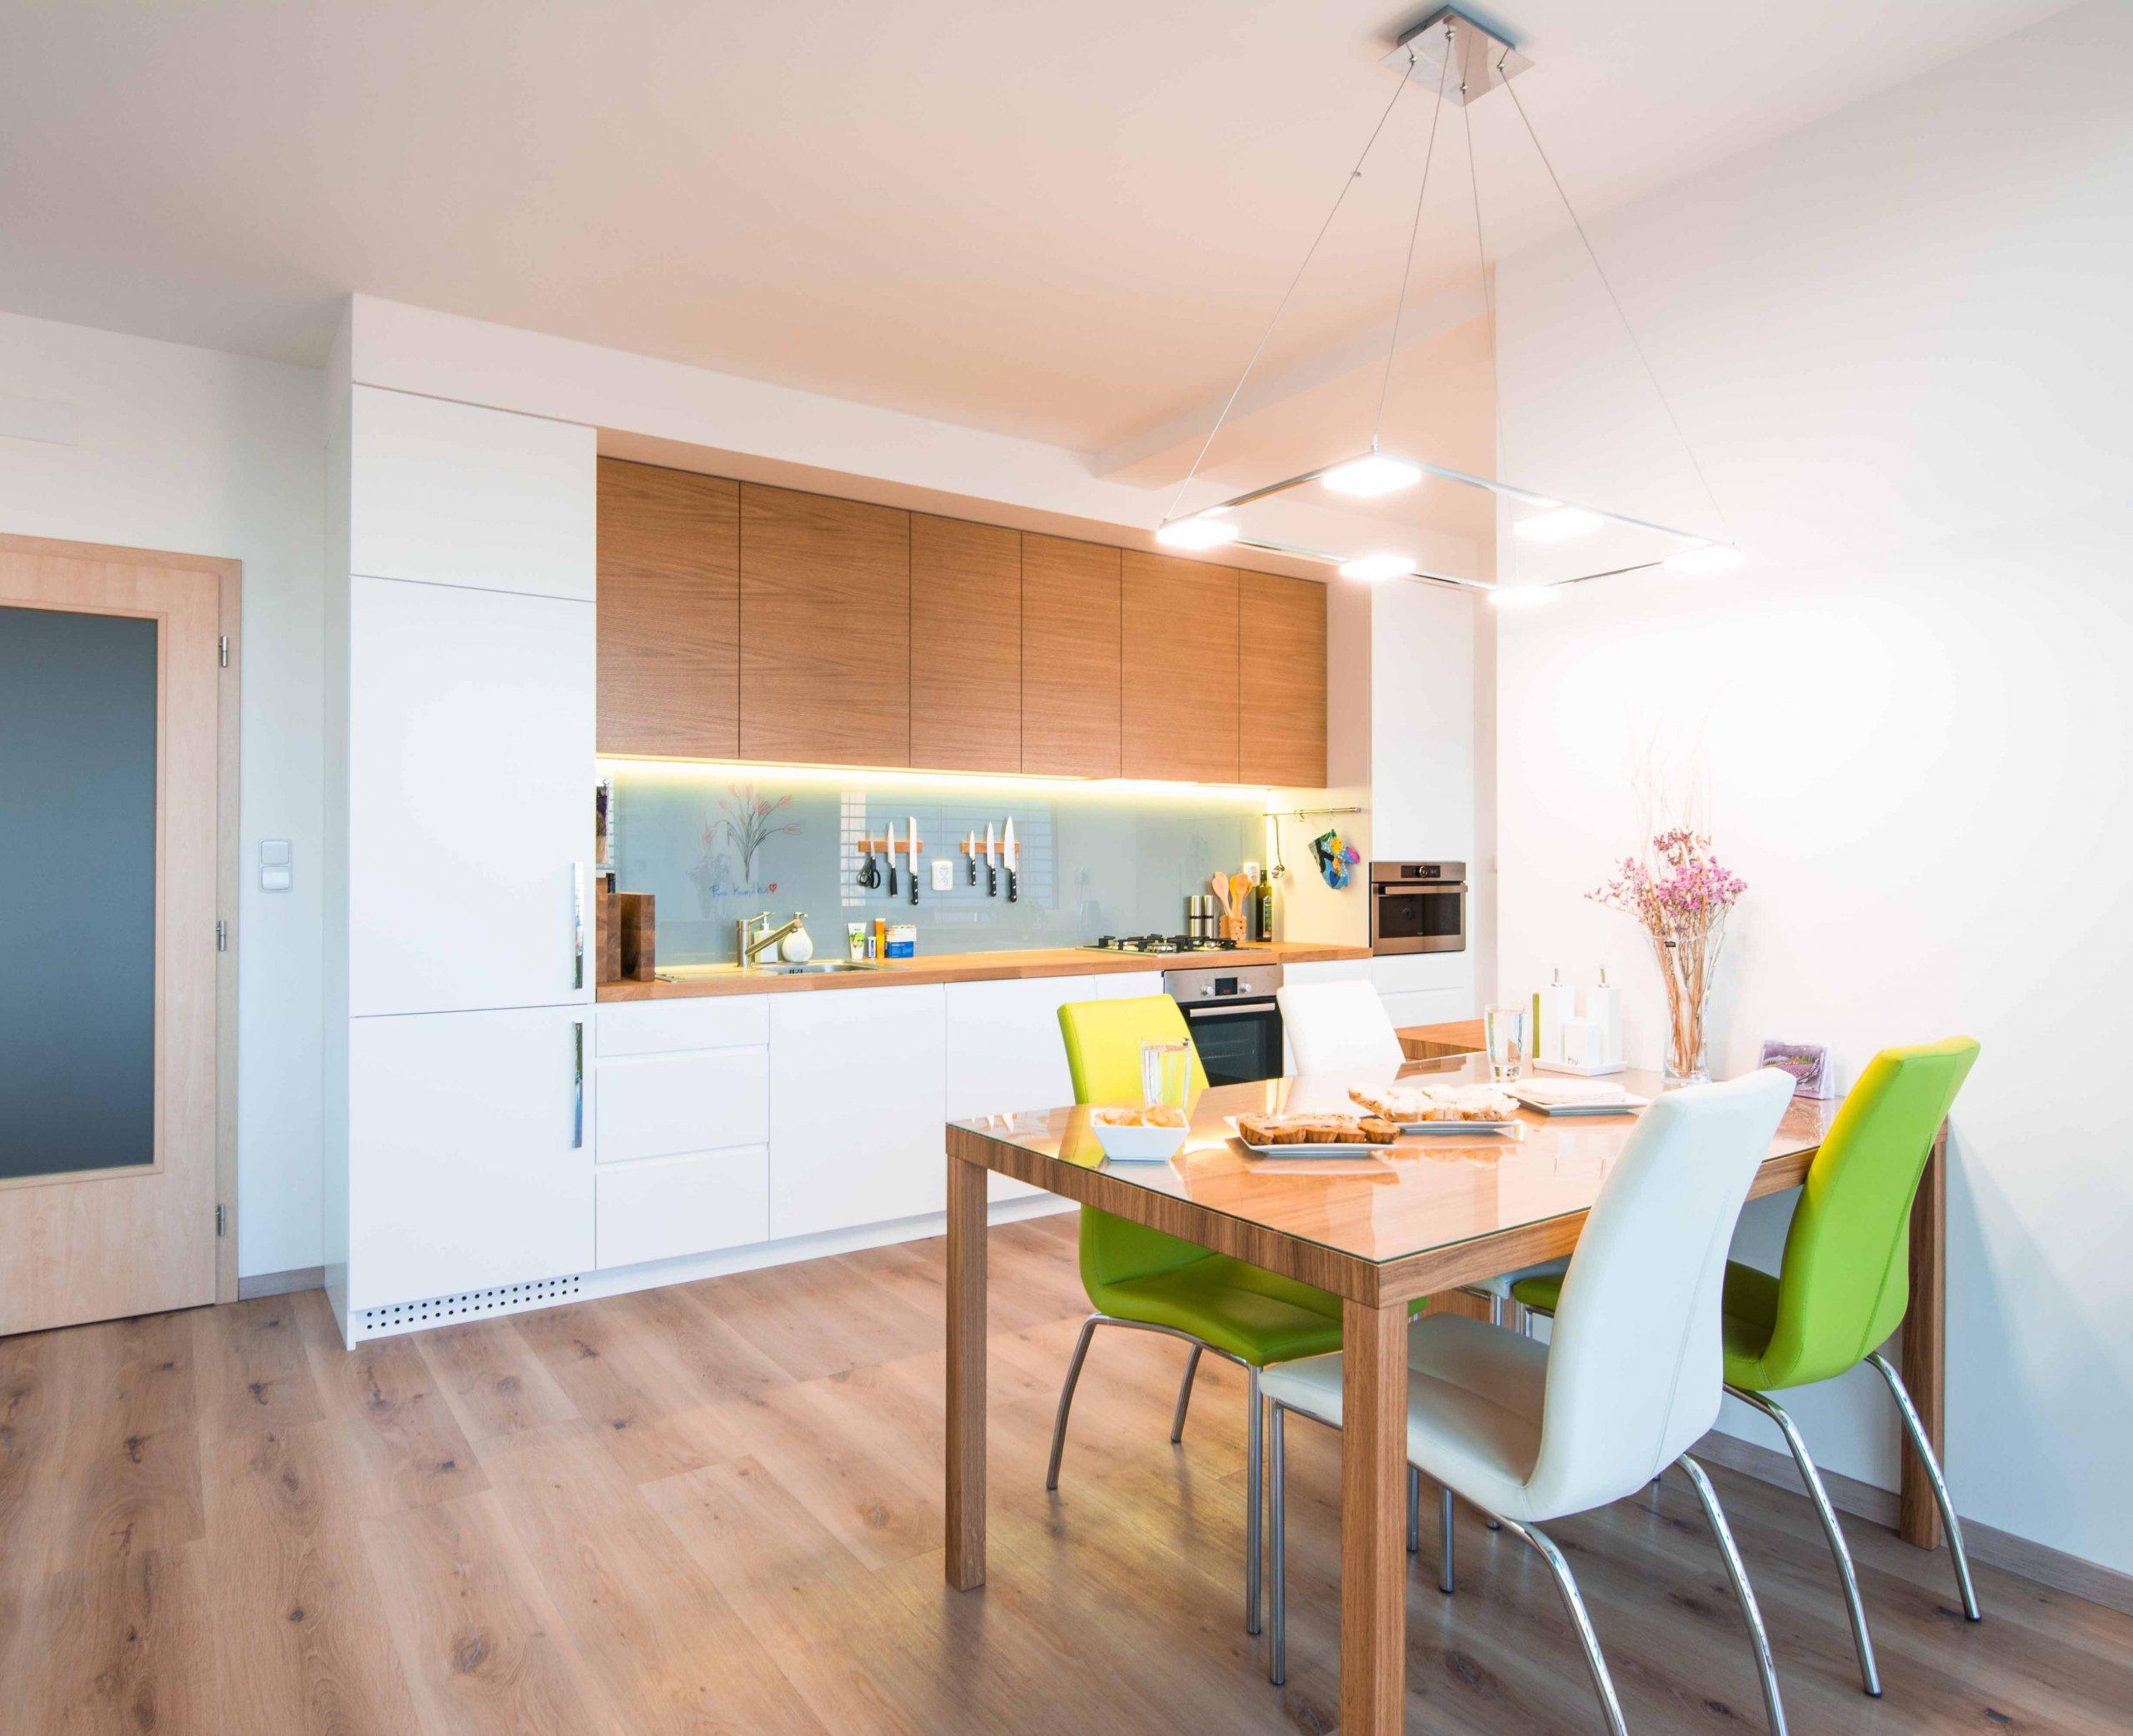 Začátkem roku 2015 jsme navrhovali interiér mezonetového bytu na Kociánce v Brně. Asi po roce jsme se byli podívat na výsledek. Realizaci dělal na náš…